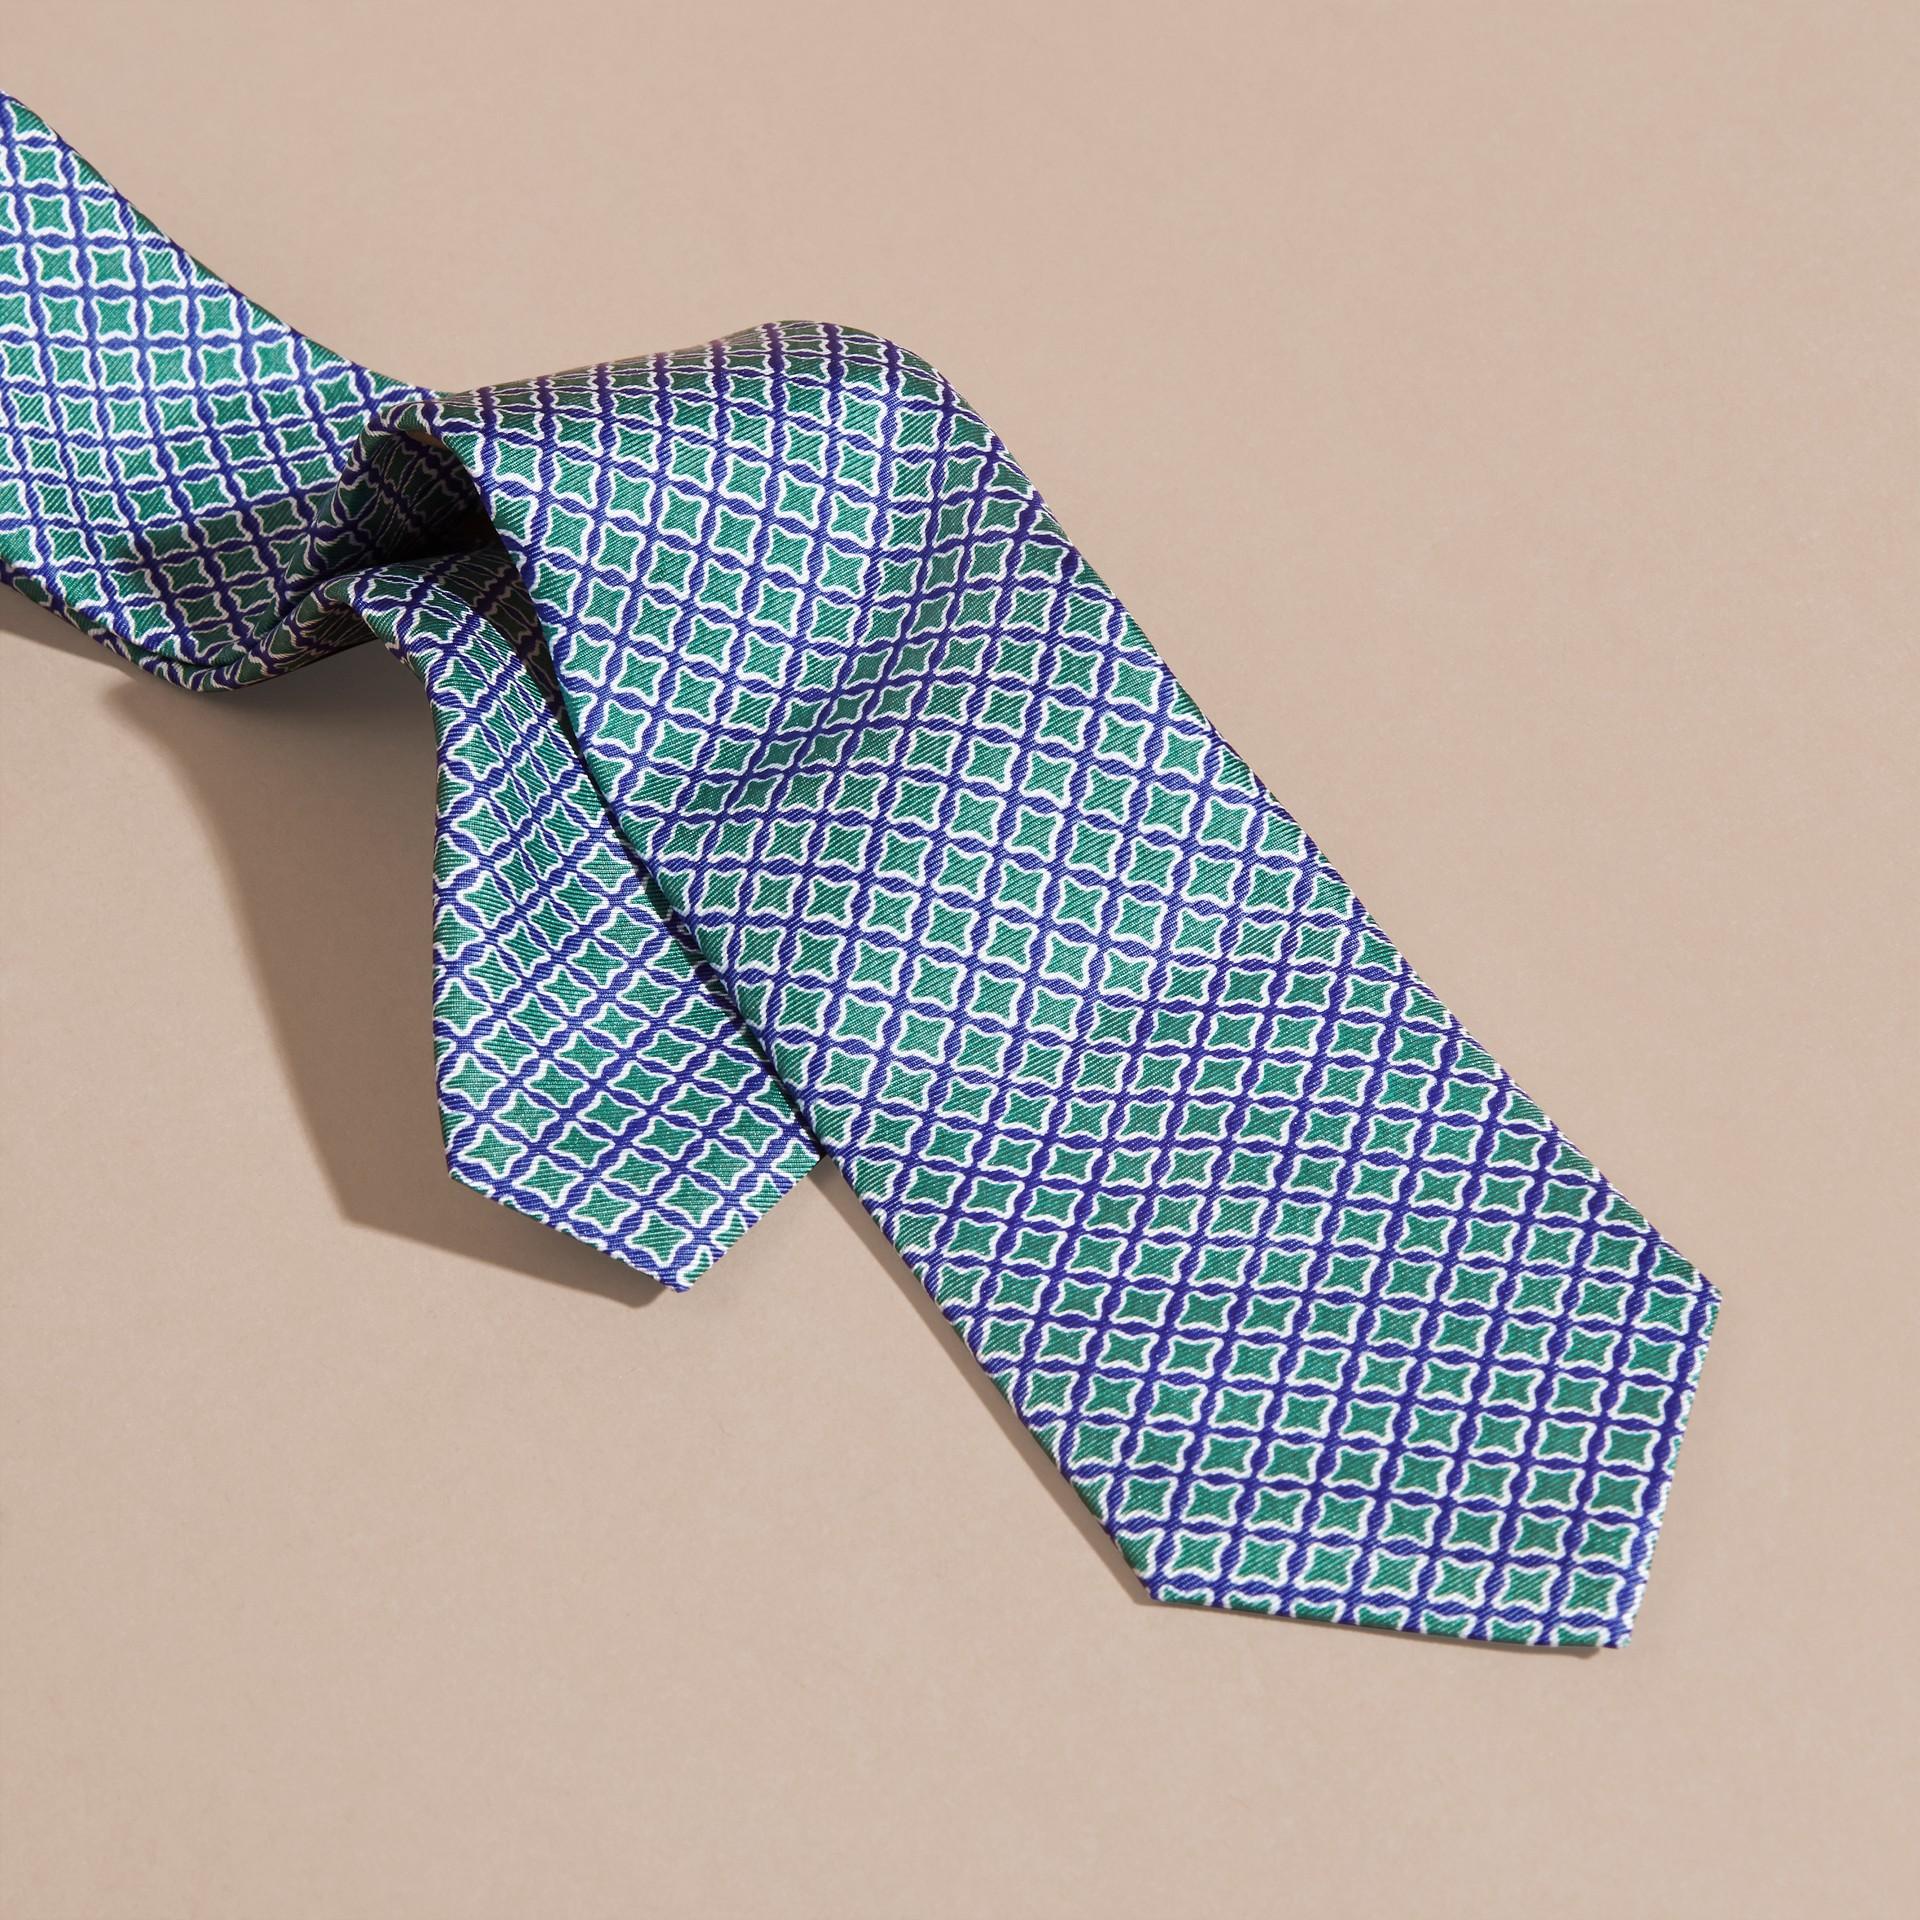 Viridian green Gravata de seda com estampa geométrica e corte slim - galeria de imagens 2